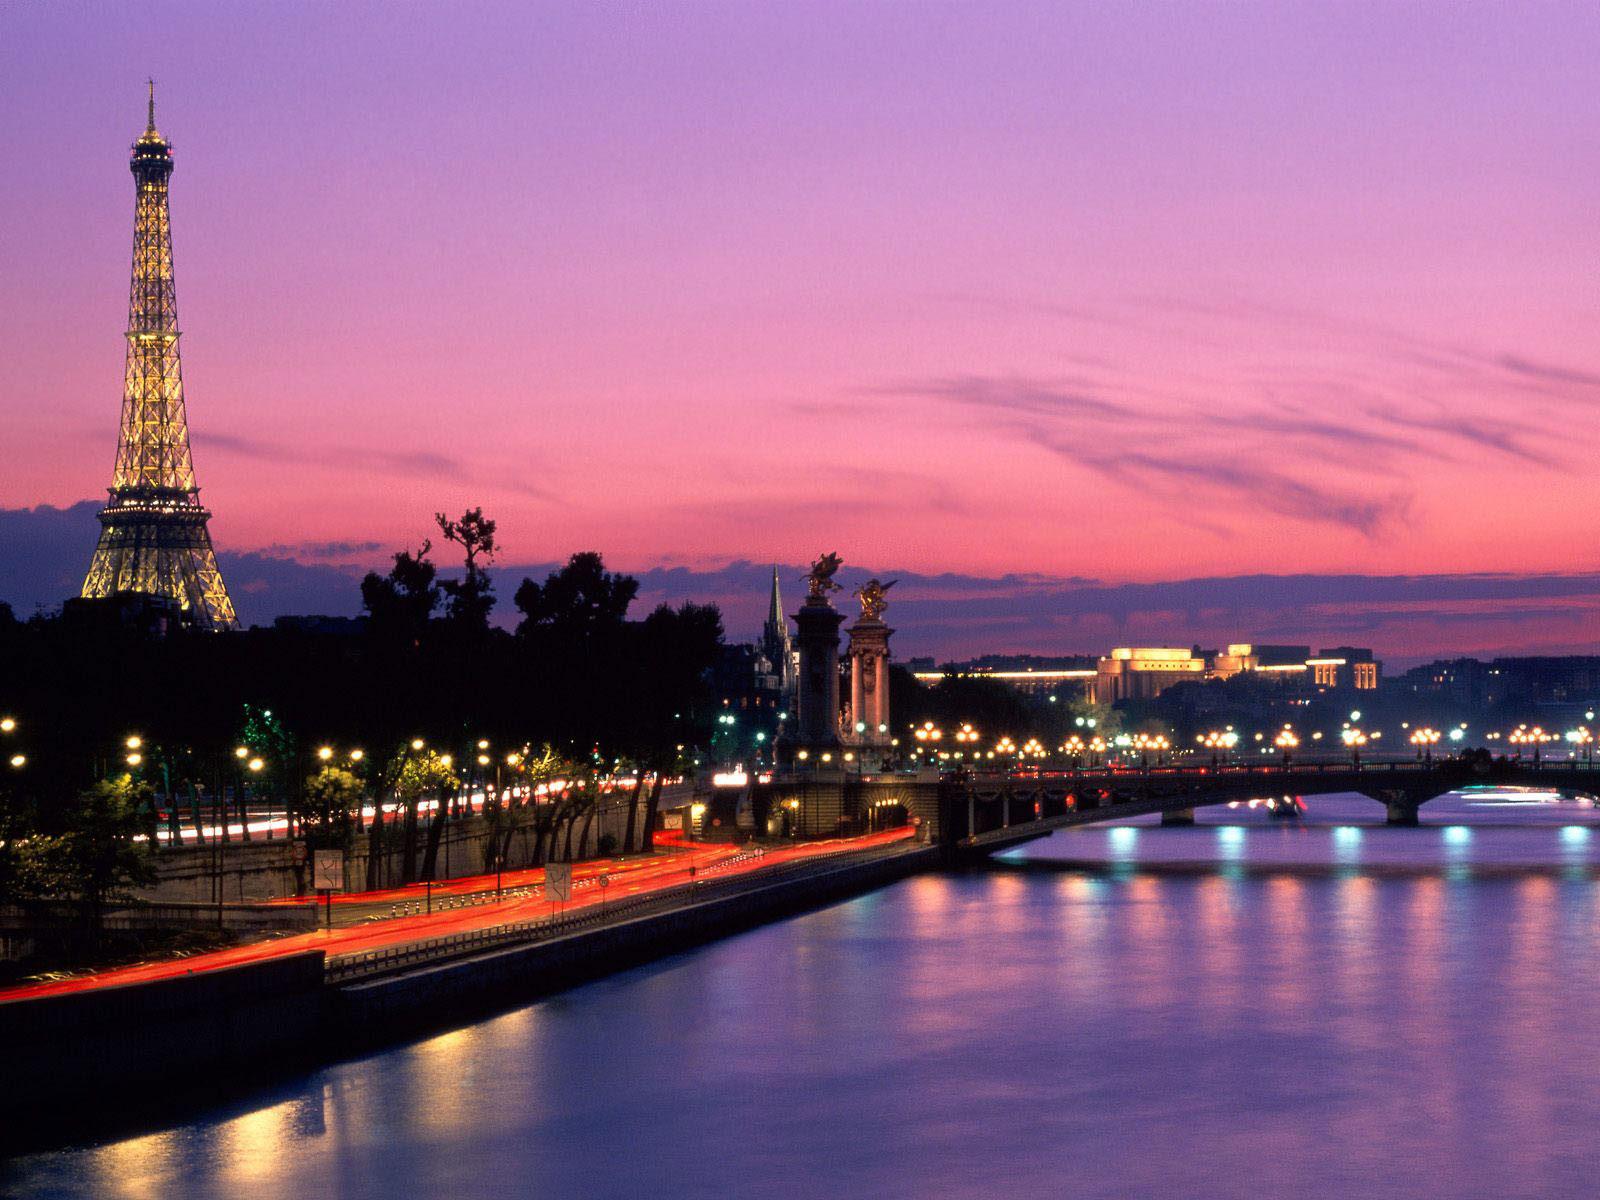 美麗的巴黎塞納河圖片_塞納2016款圖片及報價_約翰塞納圖片